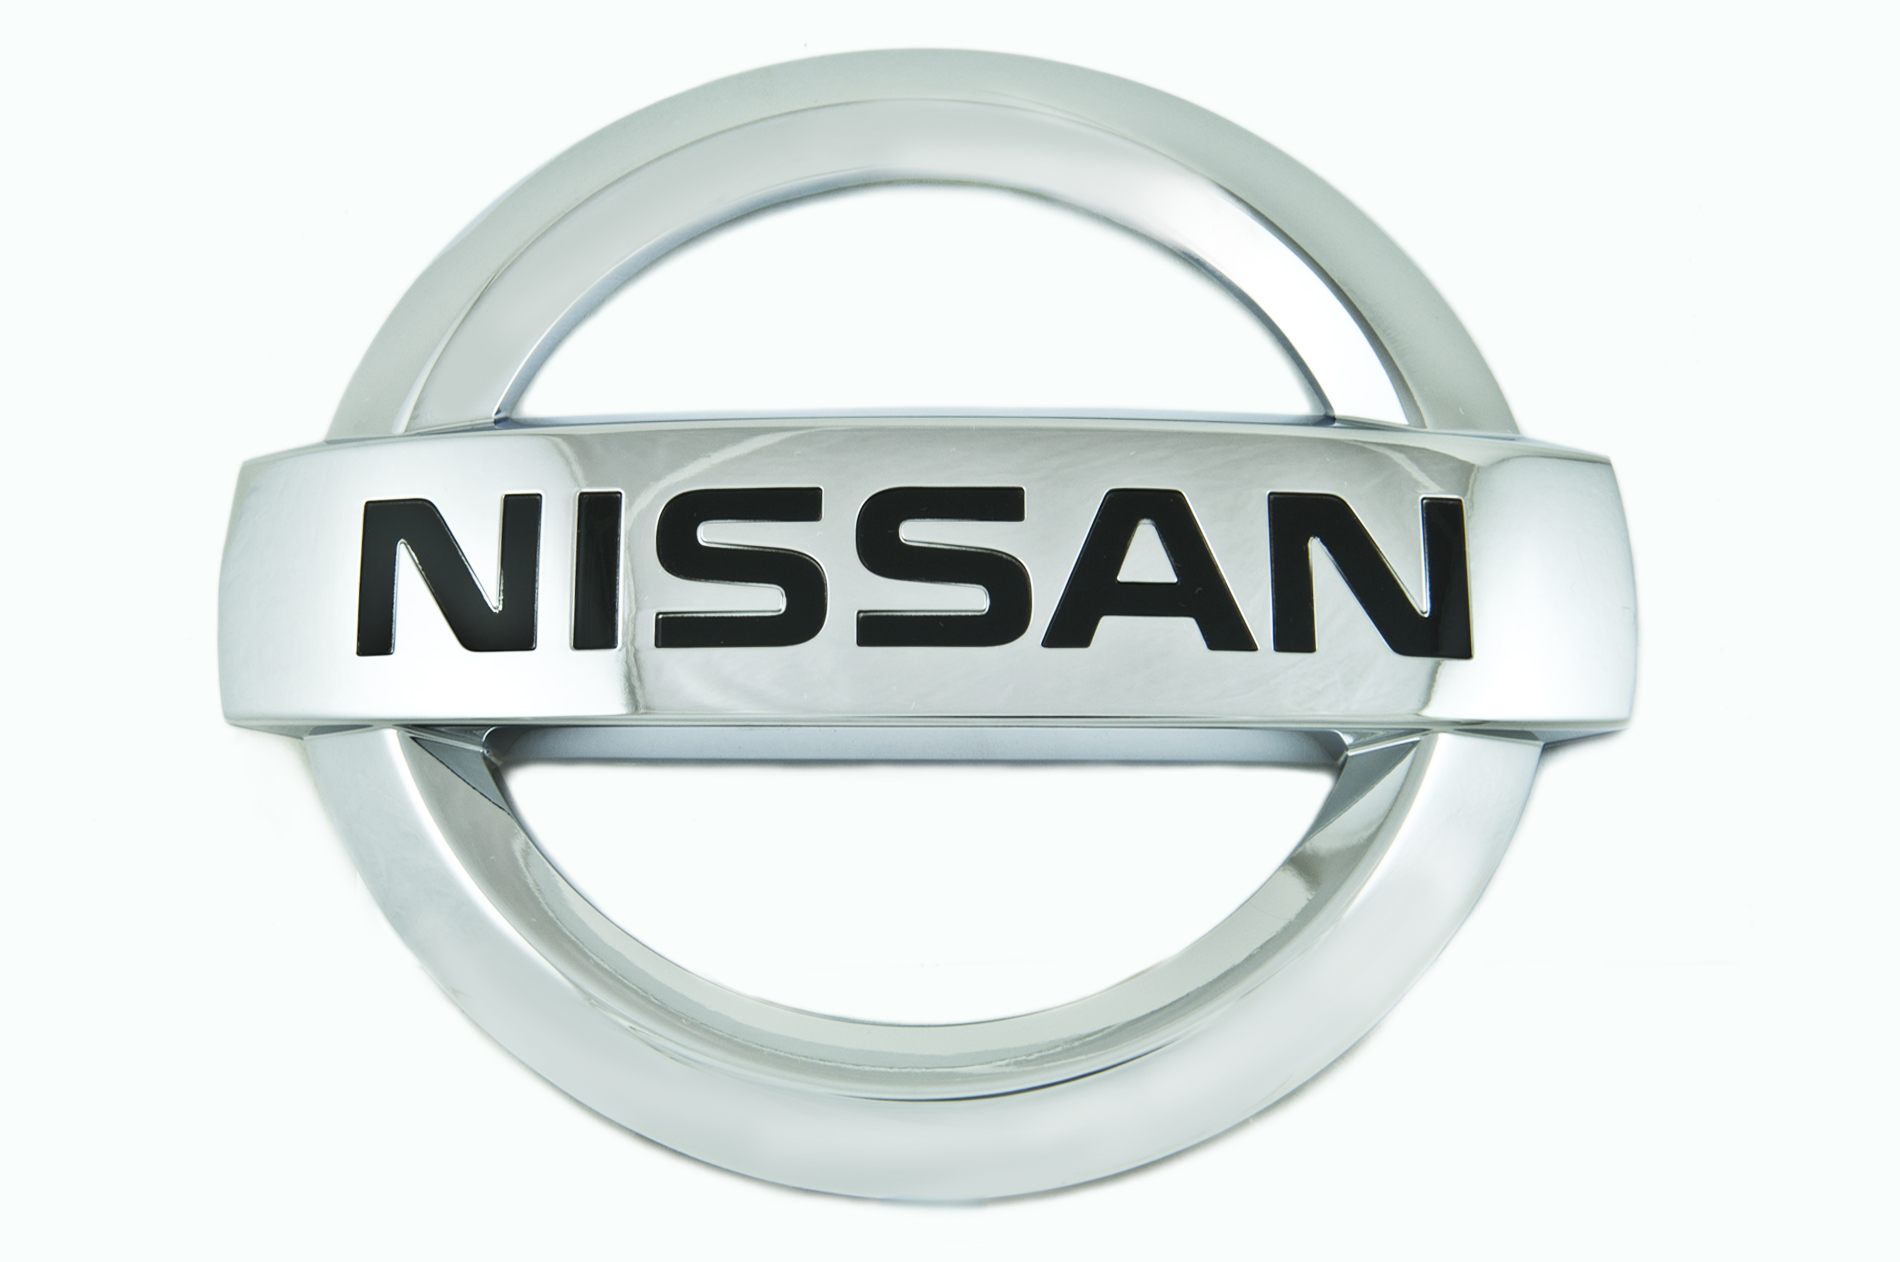 Nissan genuine 350z 370z front emblem badge logo for bonnet hood 62890cd000 ebay